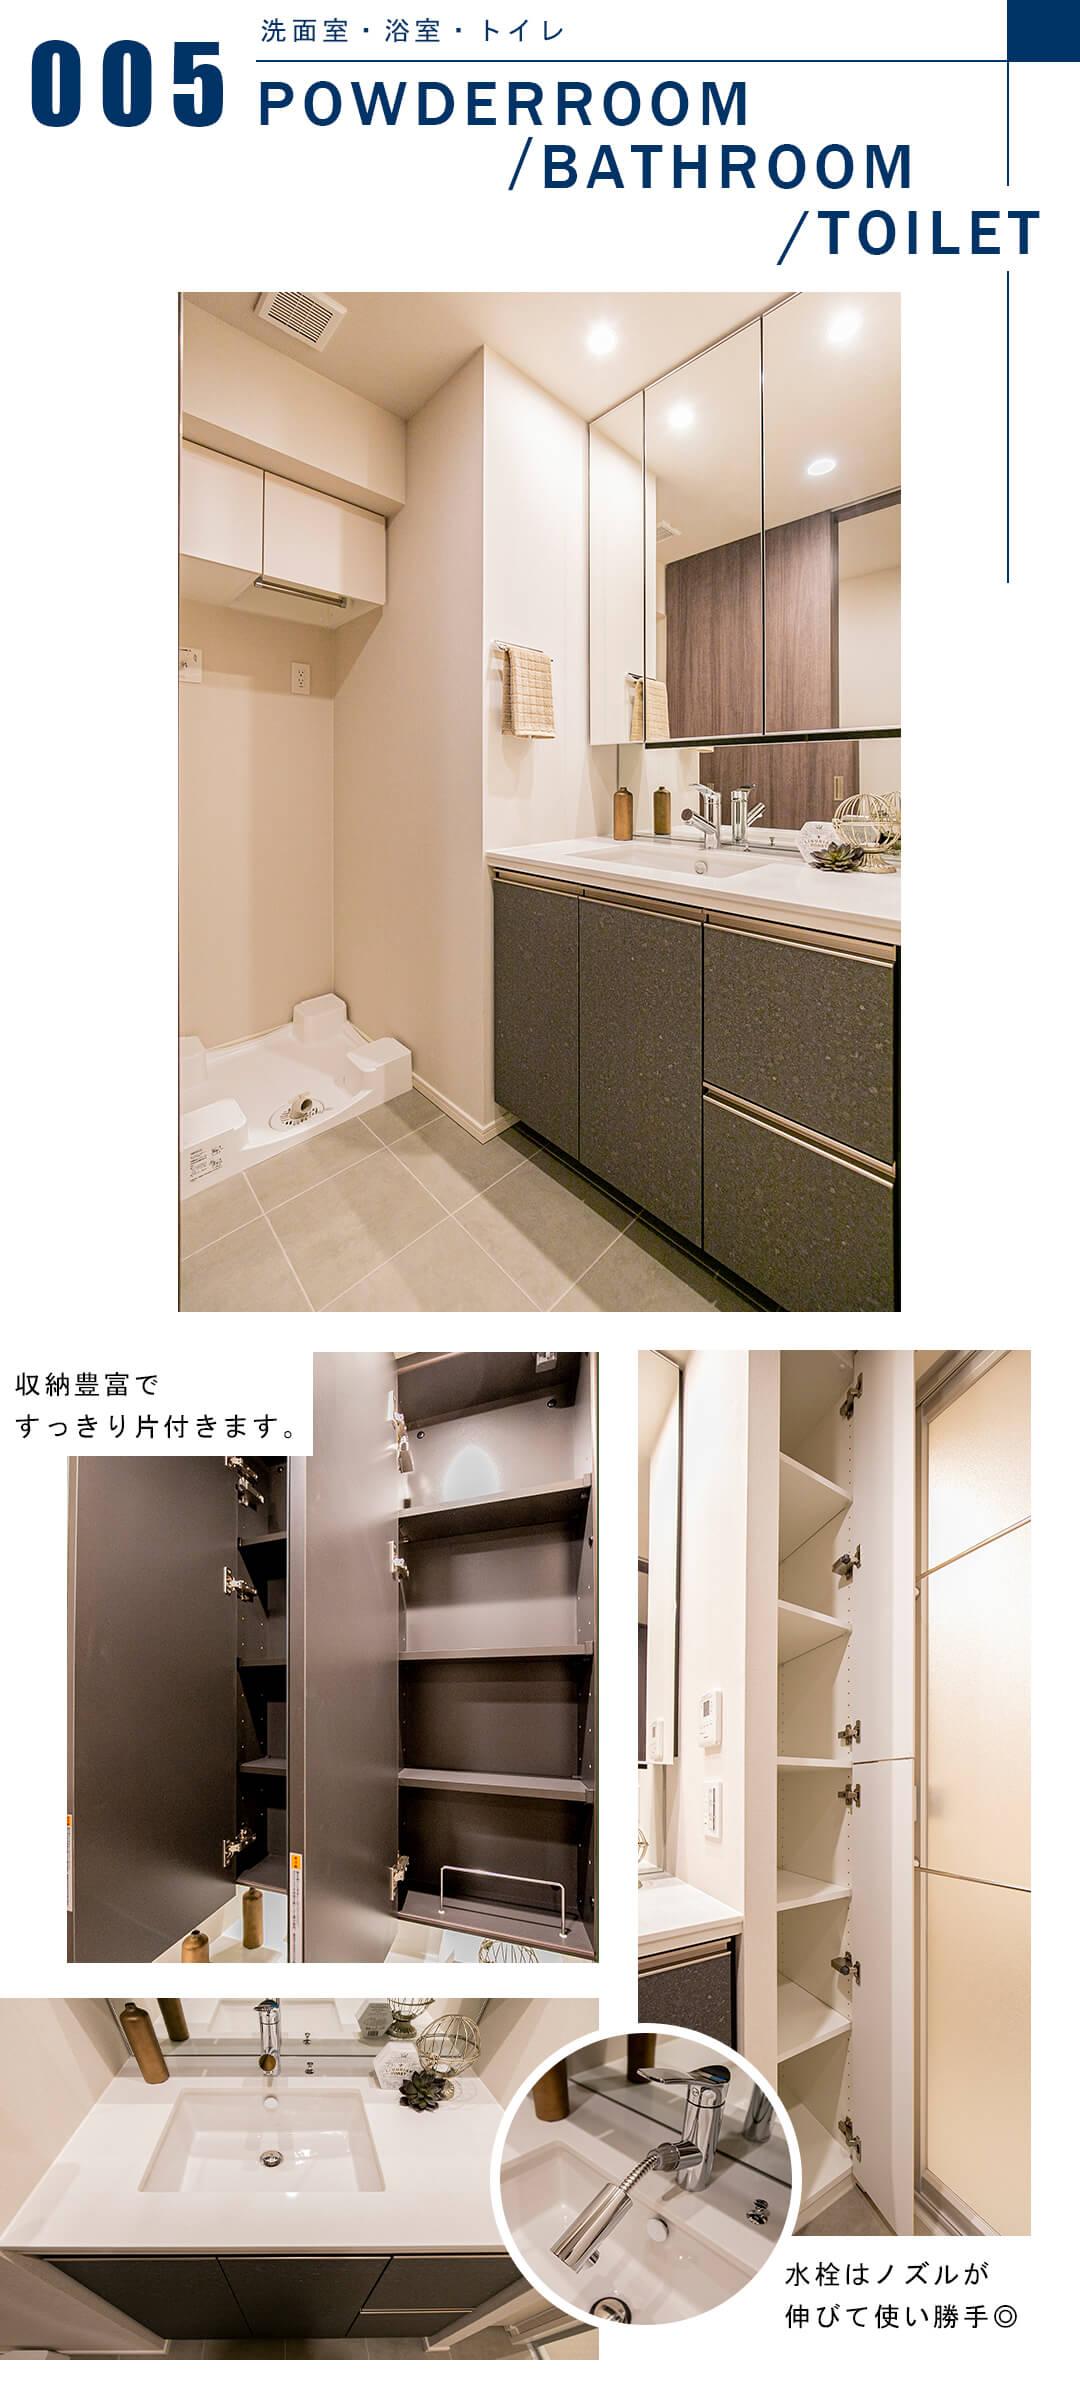 ザ・パークハウスアーバンス渋谷の洗面室